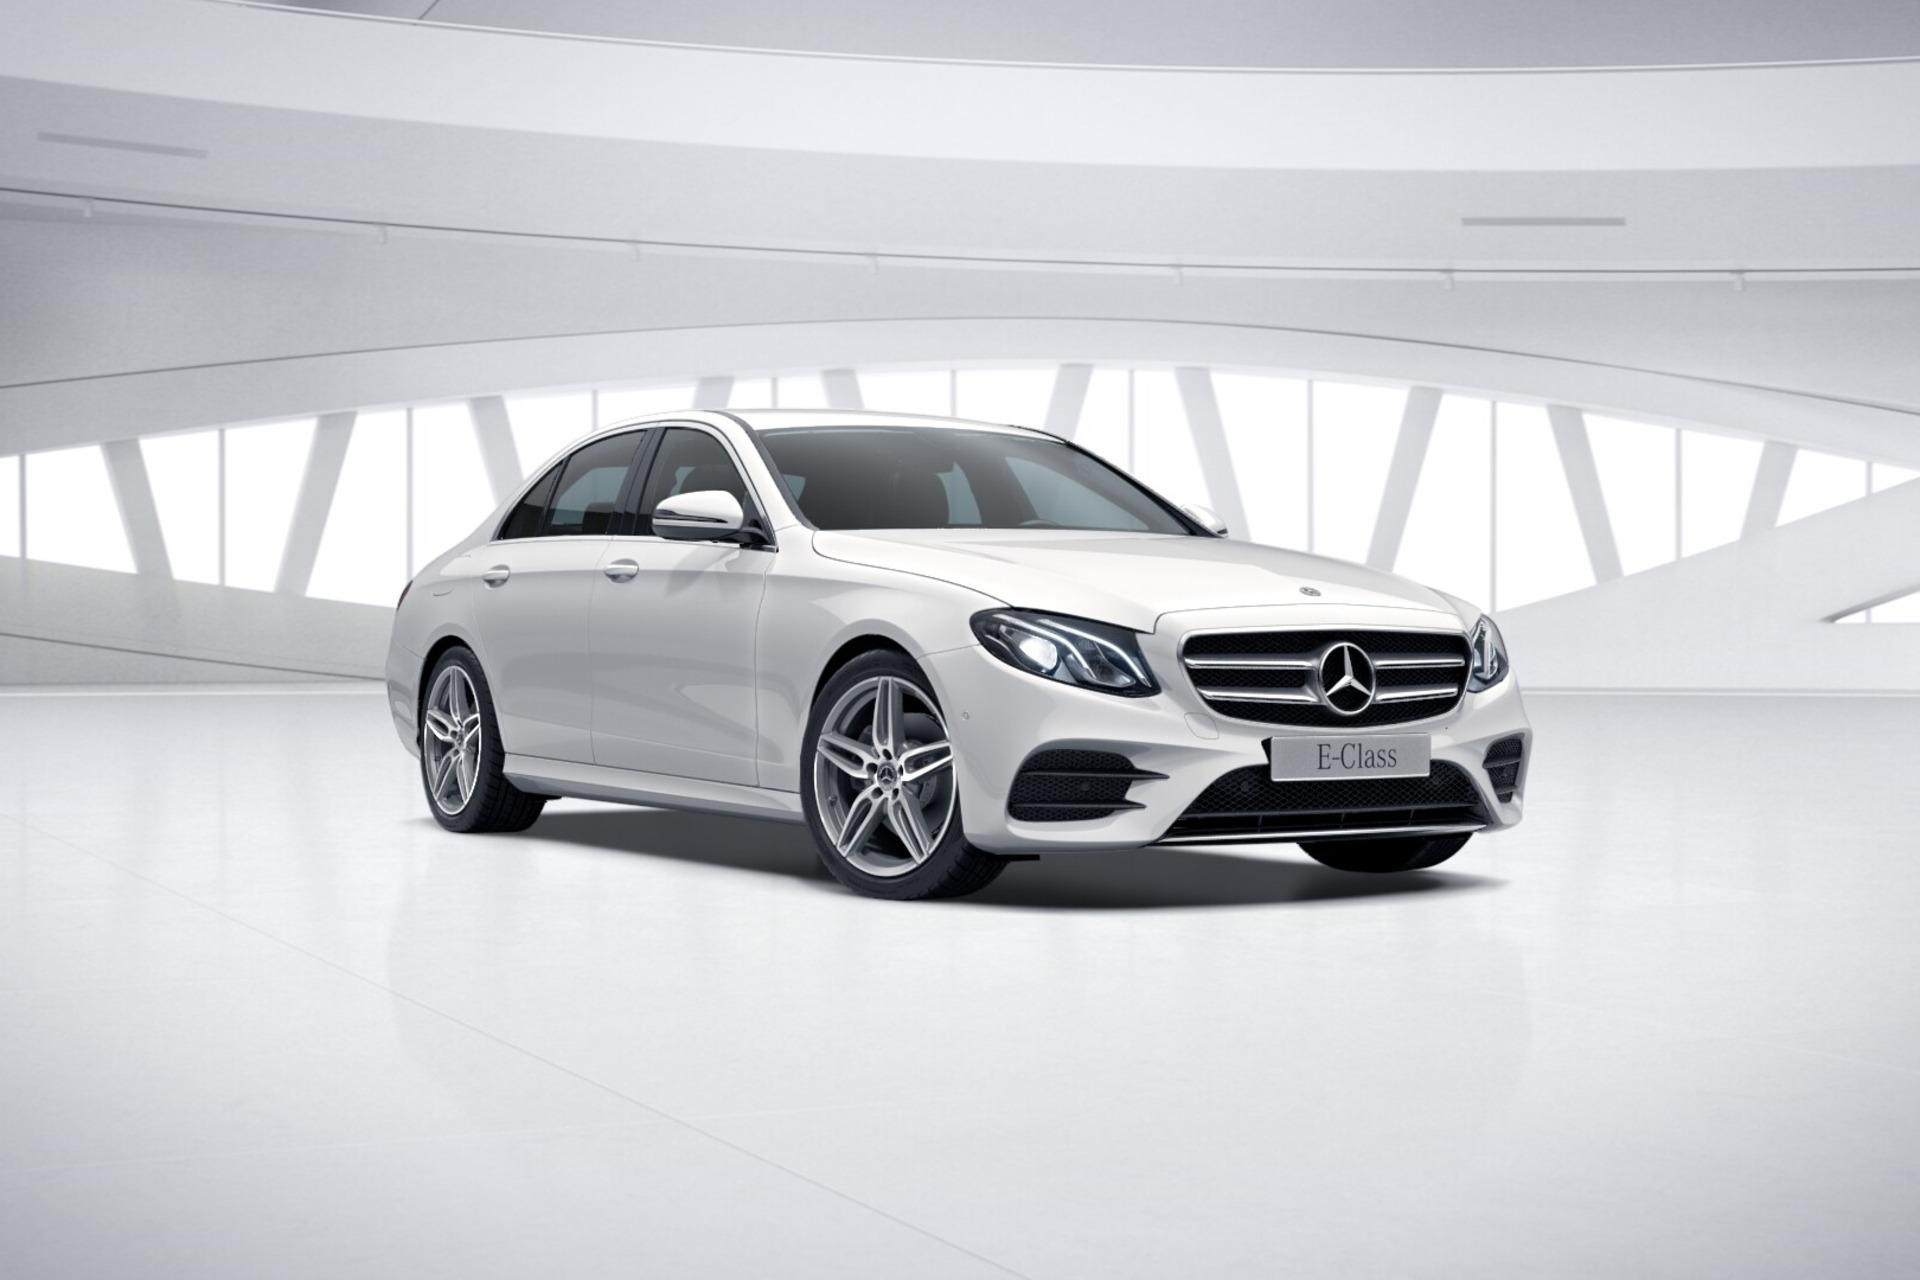 Mercedes-Benz E 180 952611382